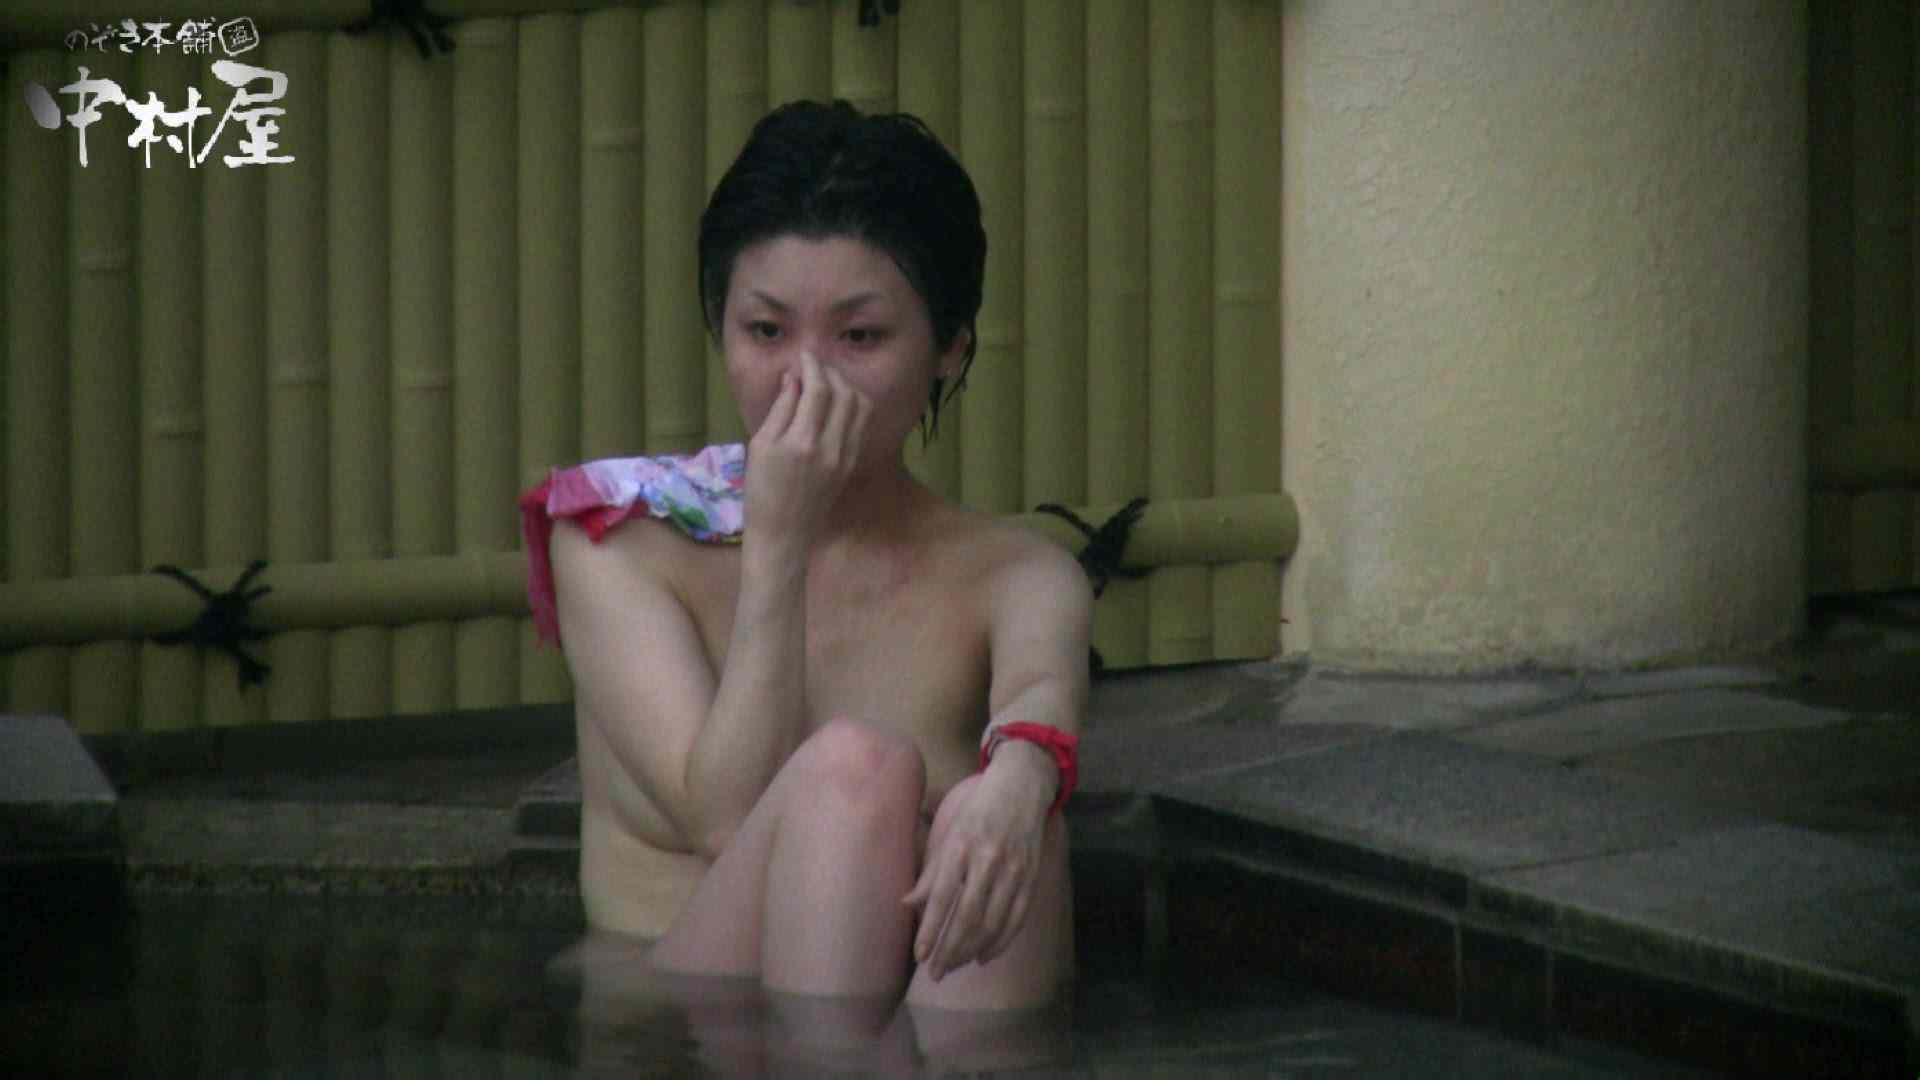 Aquaな露天風呂Vol.884 盗撮師作品 | 美しいOLの裸体  92pic 49